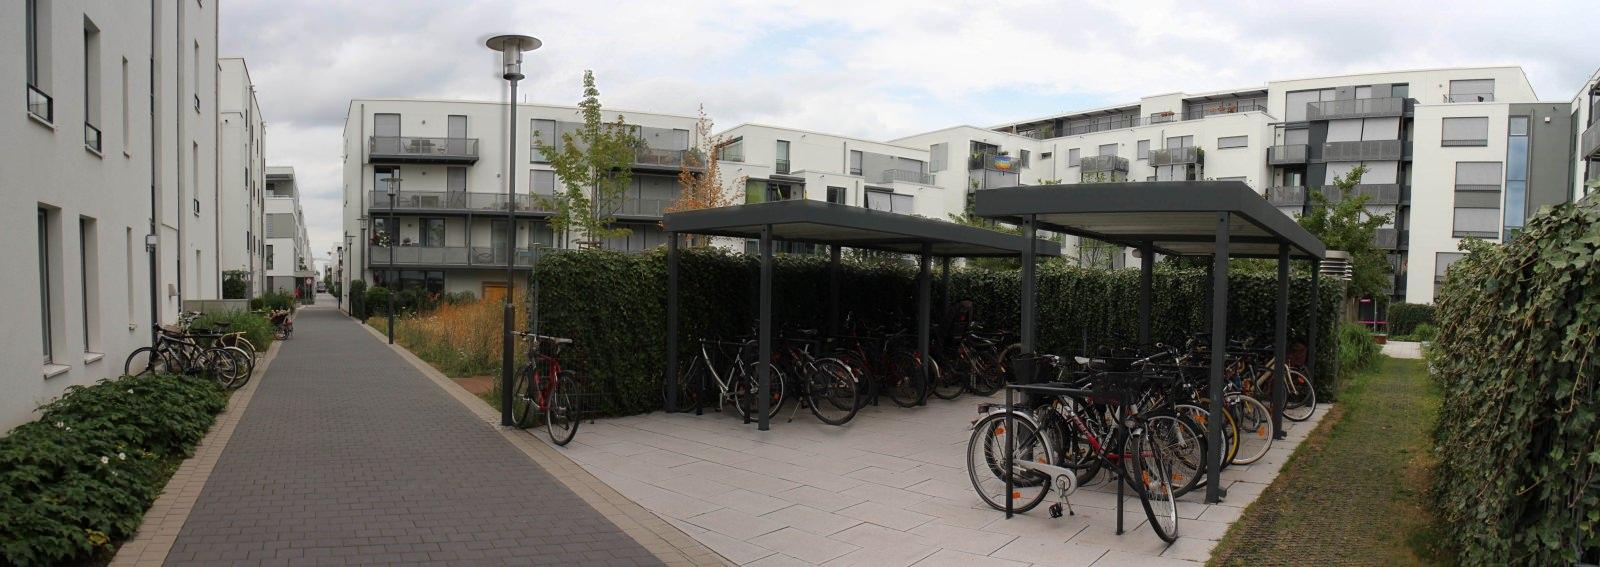 Radabstellanlage Heidelberg Bahnstadt Fahrradparken Gebäude Wohnprojekt